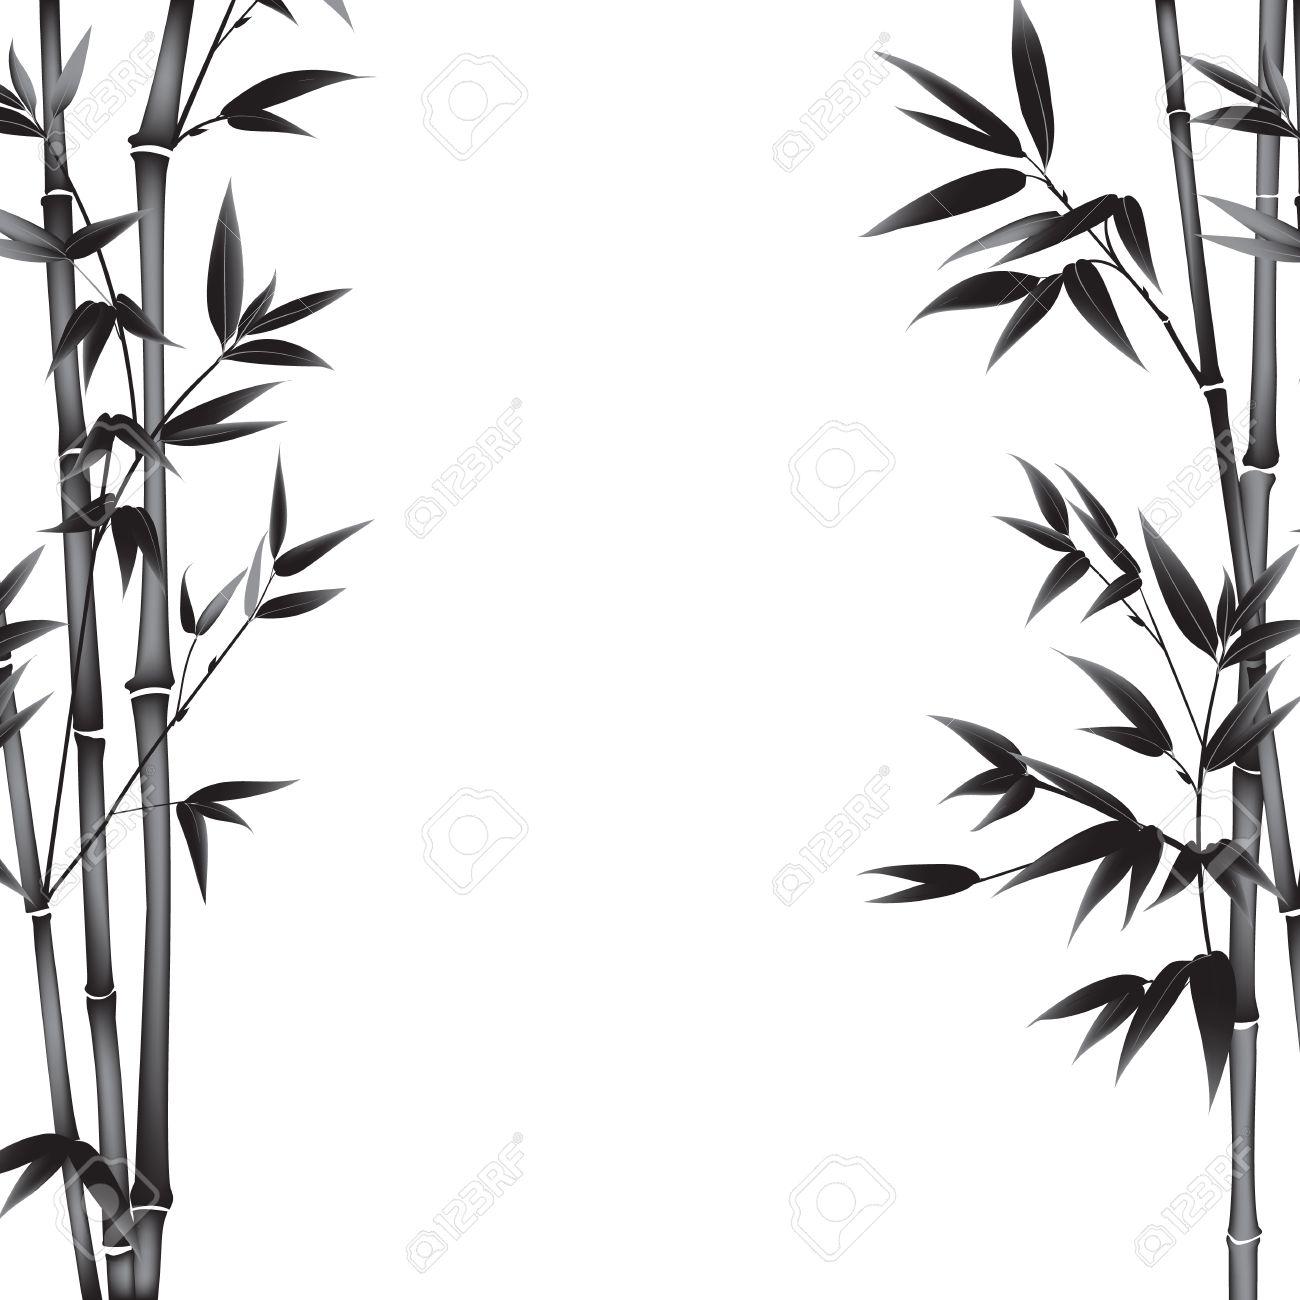 Bambus Busch Malerei Auf Weissem Hintergrund Blatter Von Bambus Baum